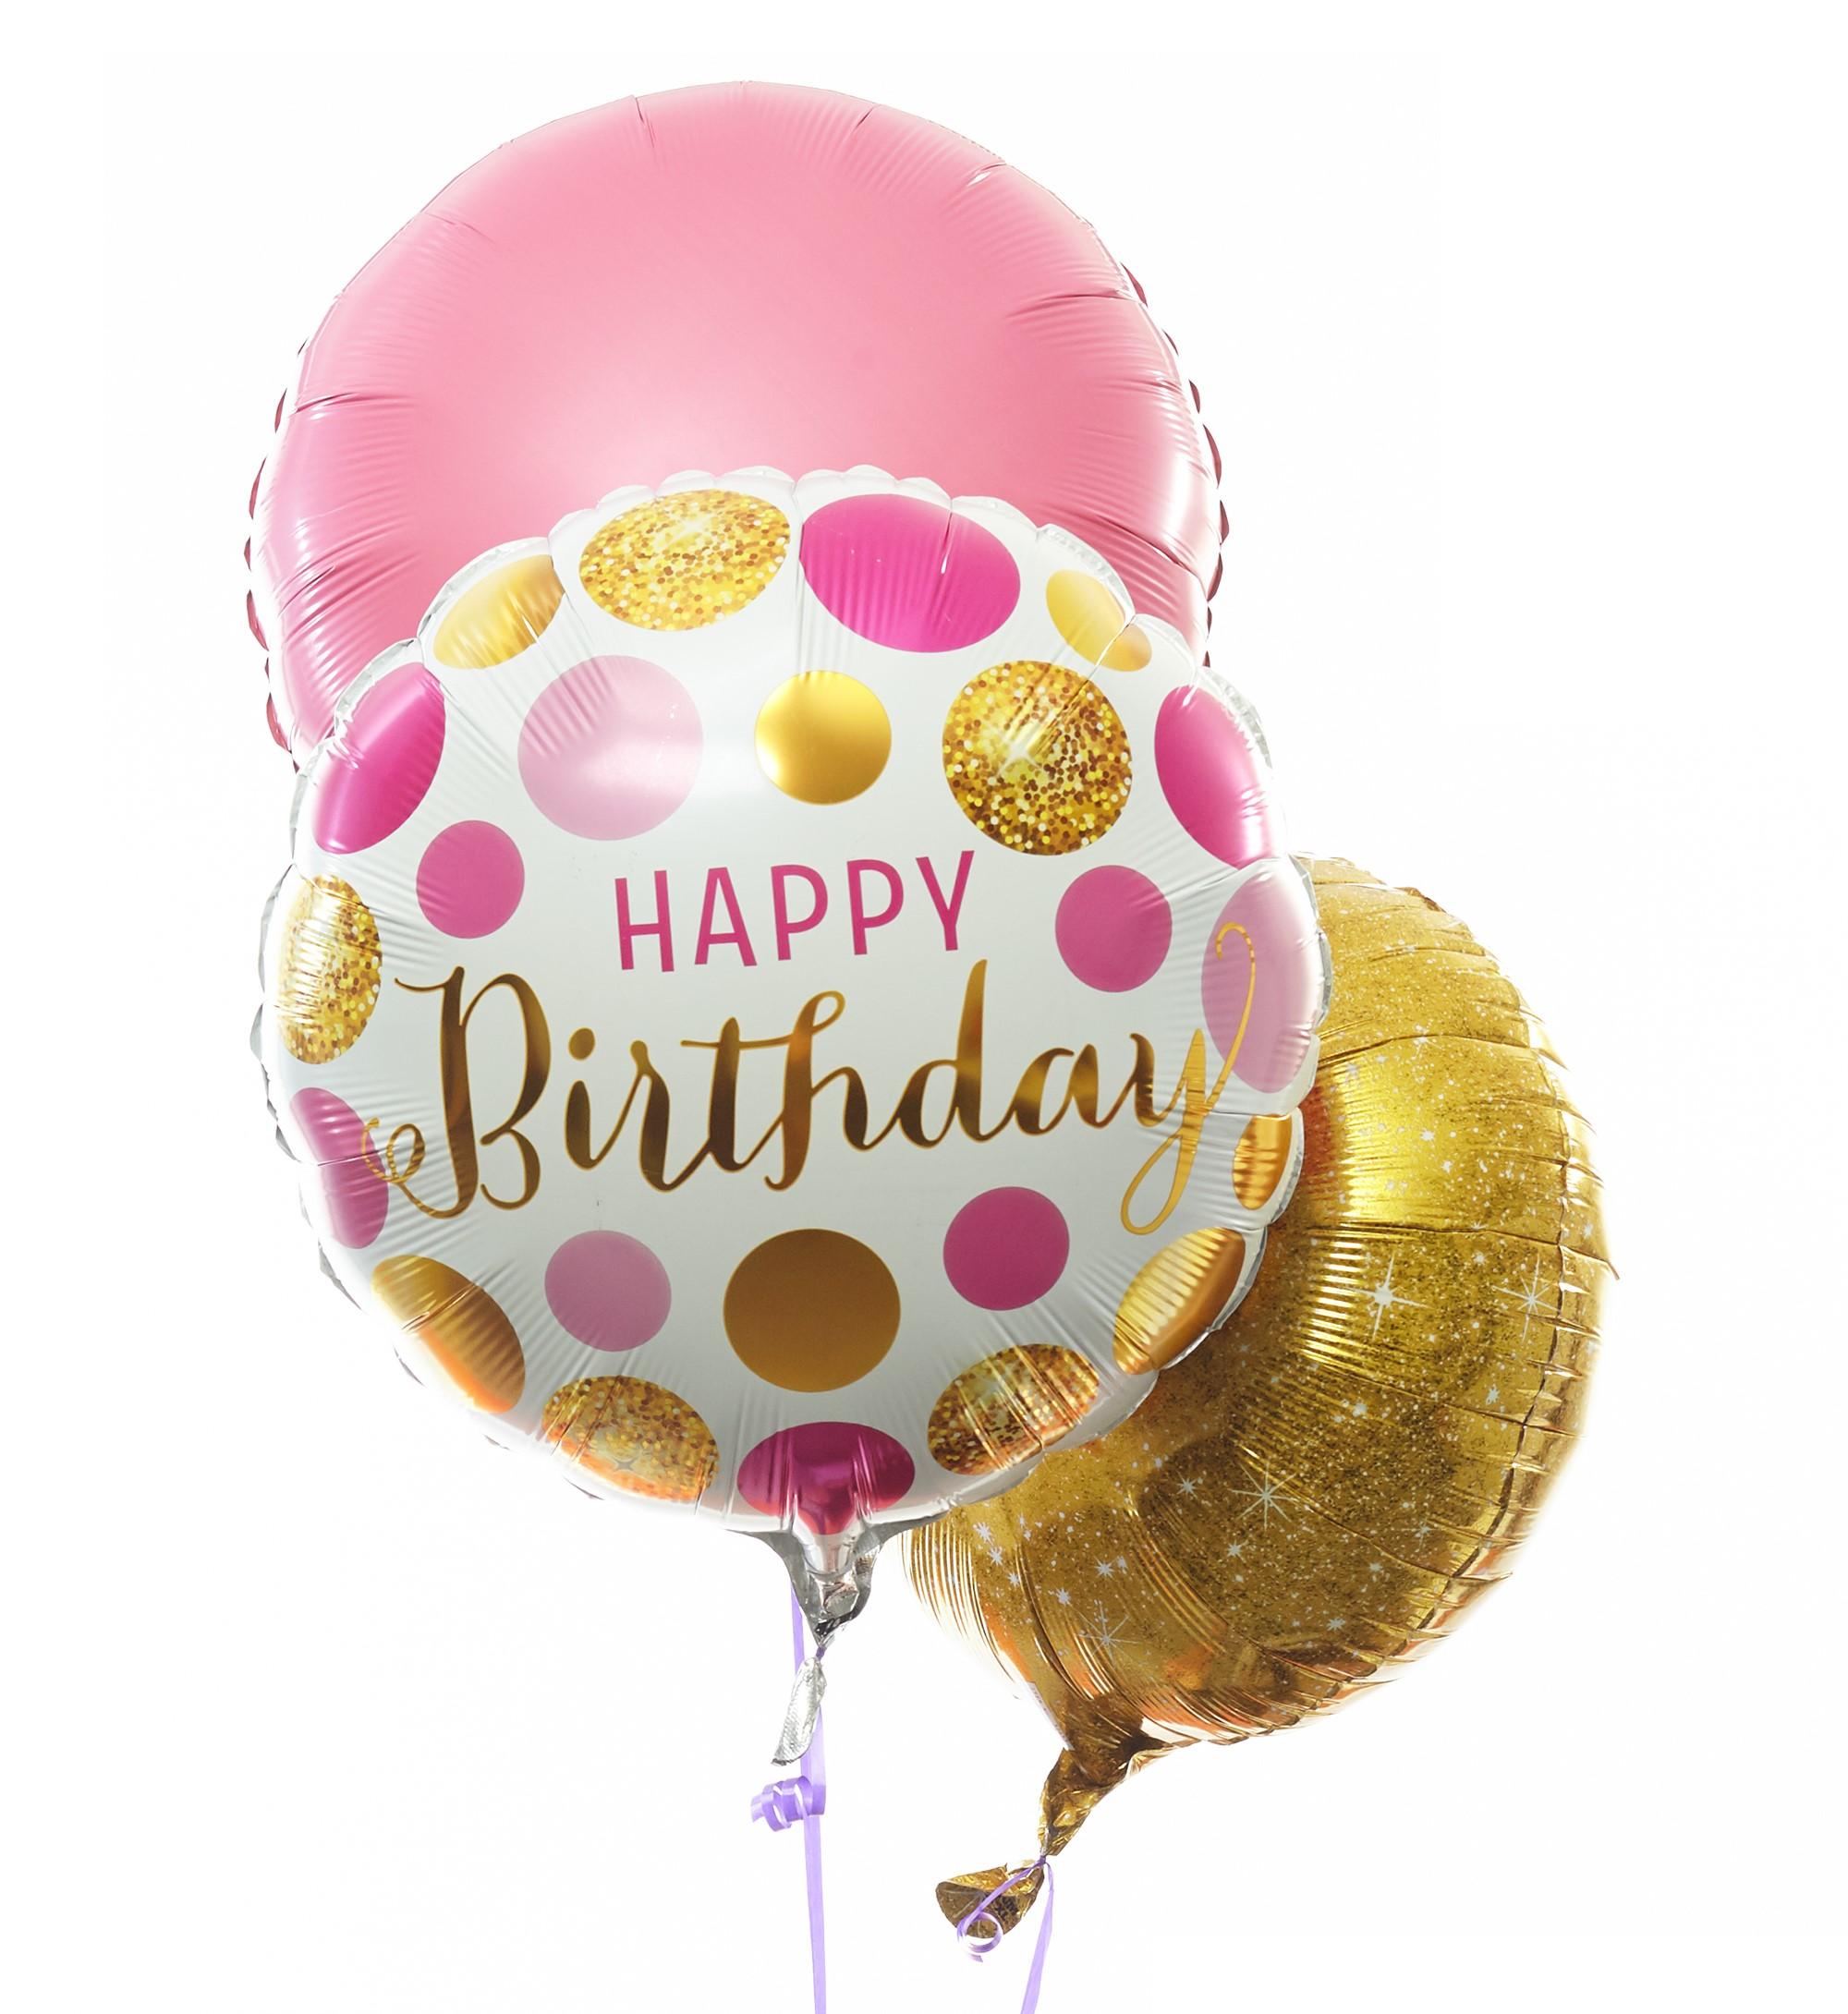 Verjaardag Glitter.Ballonnentros Verjaardag Glitter